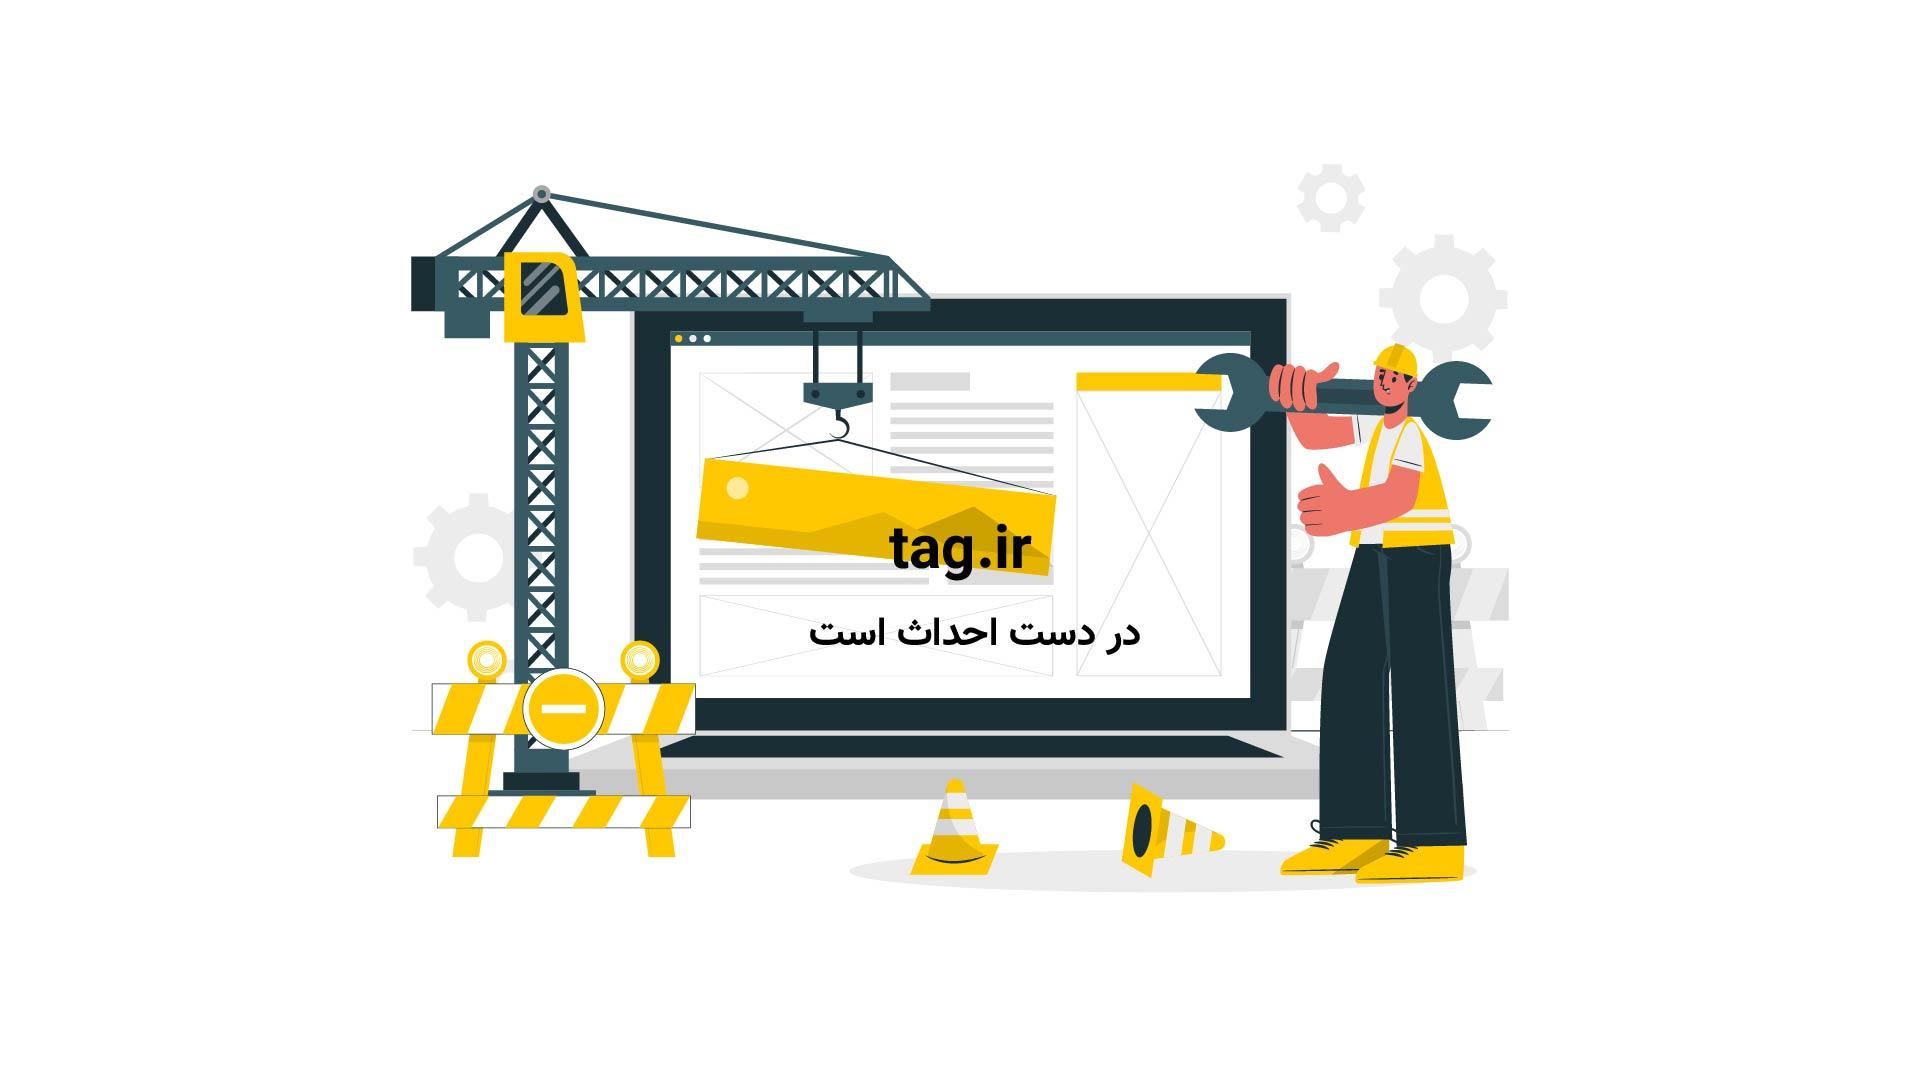 حمله بیرحمانه گرگها به کایوت متجاوز به قلمرو گله | فیلم